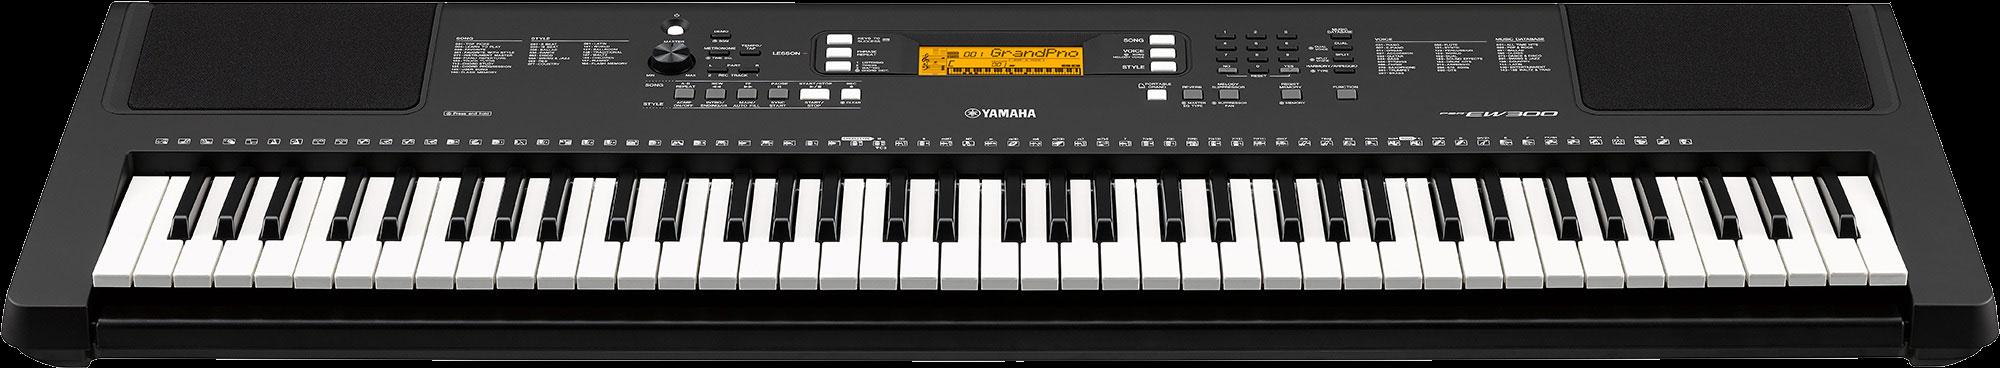 Yamaha psr ew300 tastiera for Yamaha psr ew300 keyboard